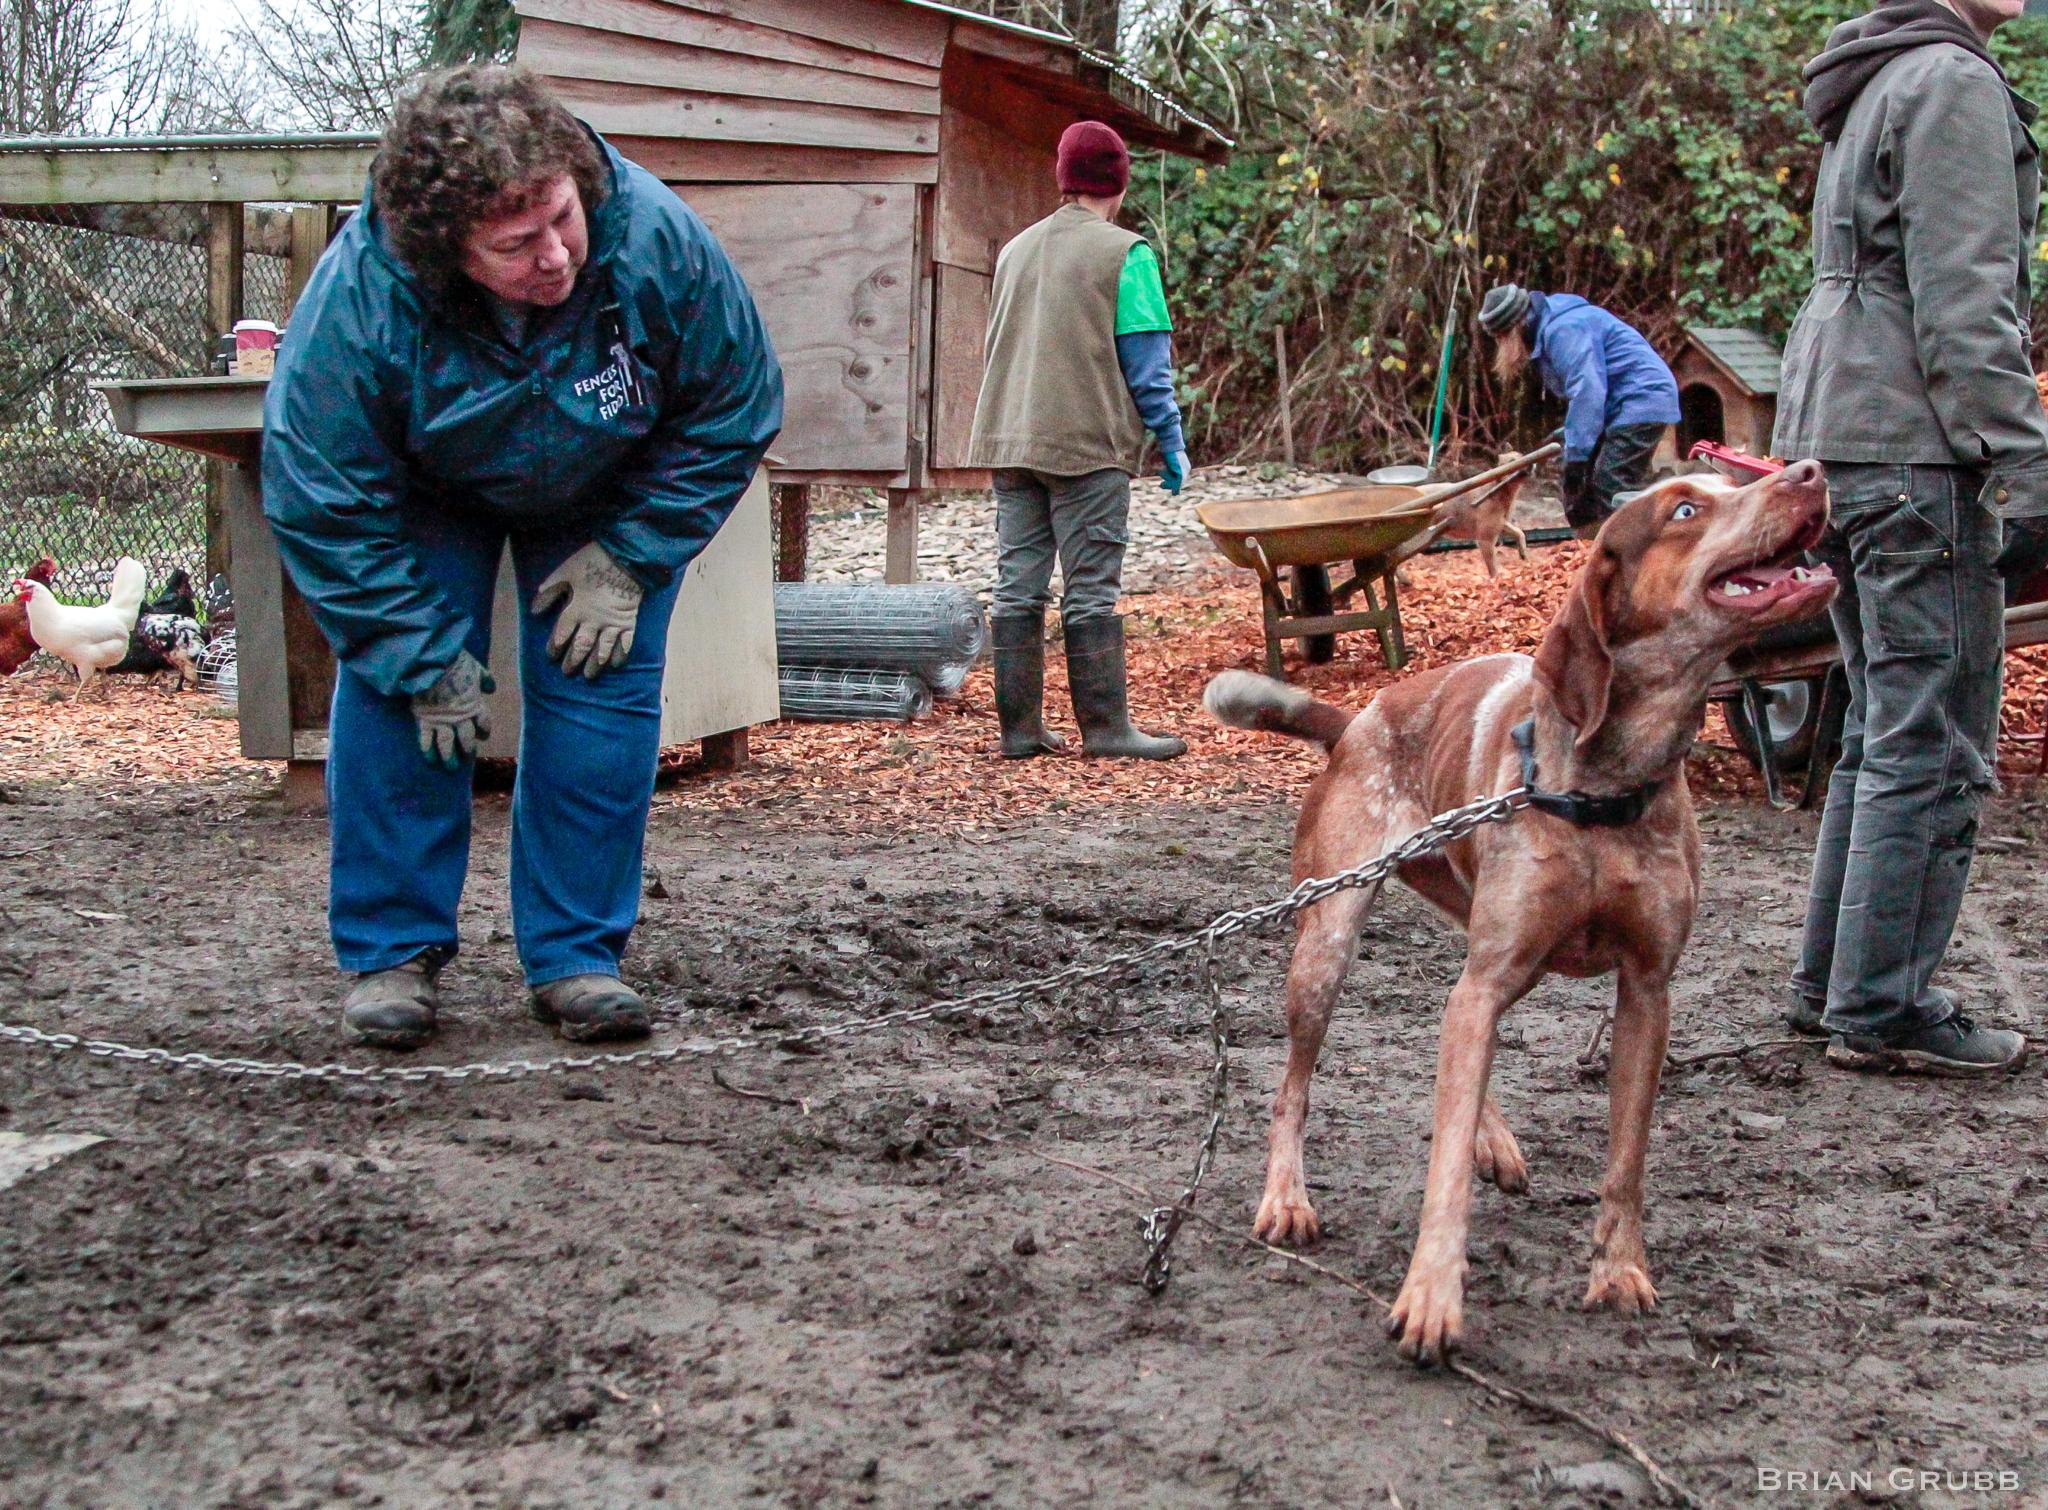 Sue Heublein helps unchain a Fido. Photo by Brian Grubb